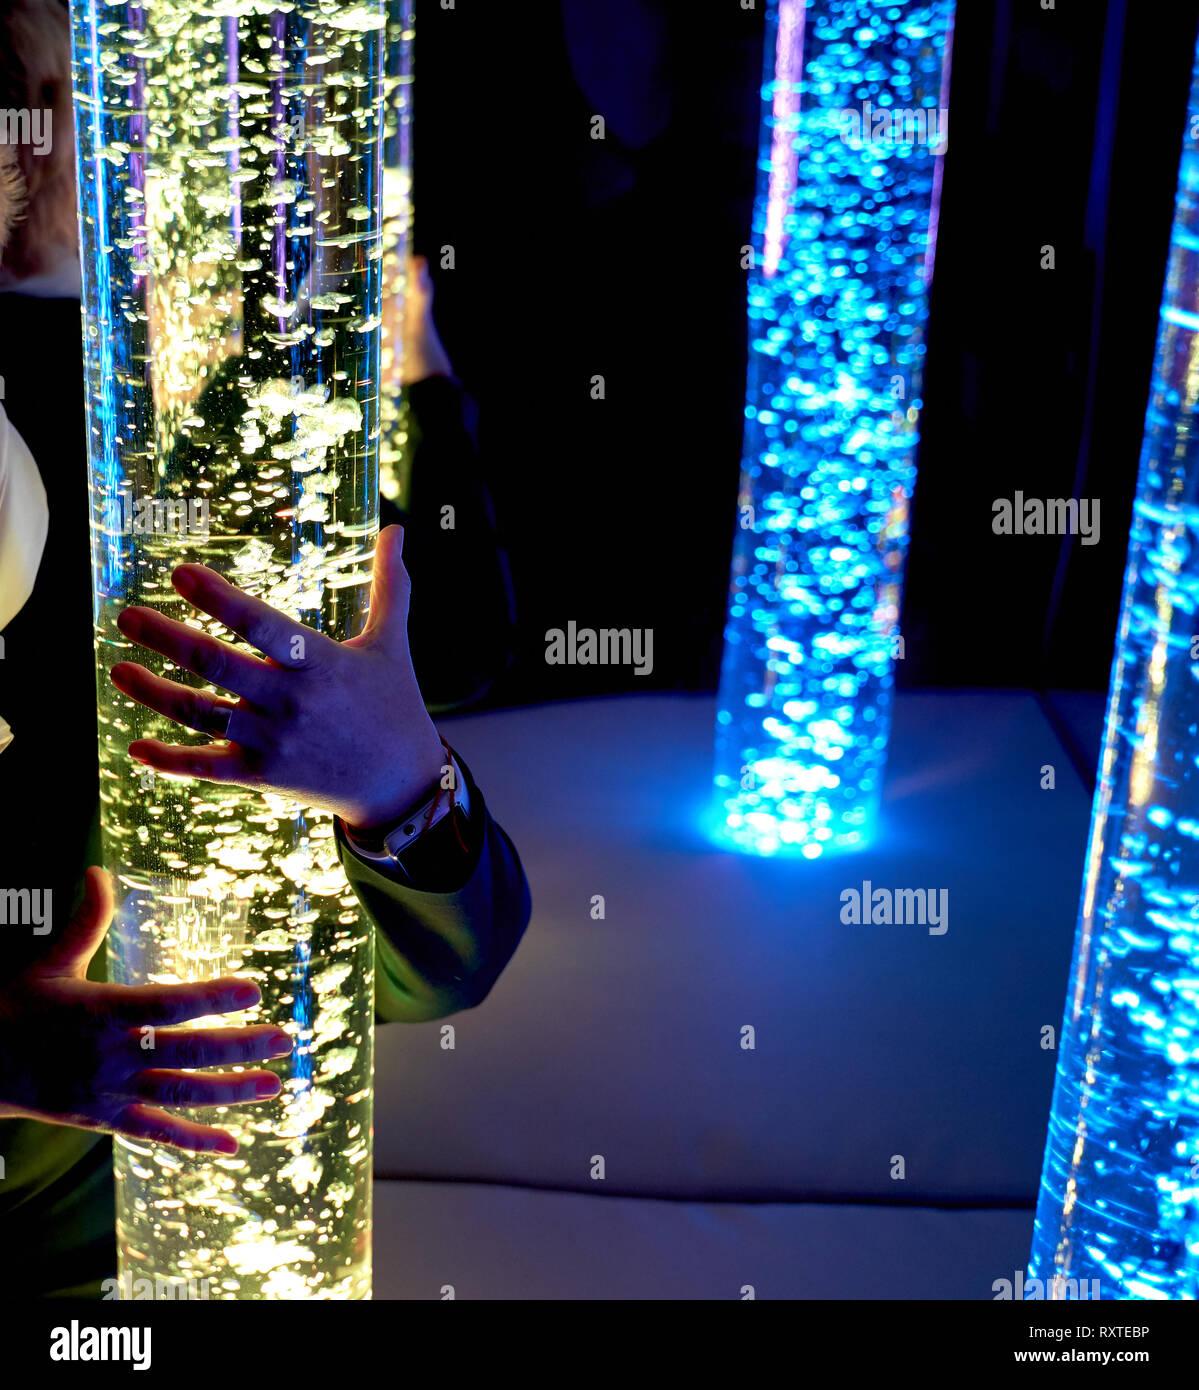 Therapie sensorische Stimulierung multi sensorische Zimmer, Frau Interaktion mit farbigen Lichtern bubble Röhrenlampe während der Therapie healthcare Seniorenheim sessi Stockbild